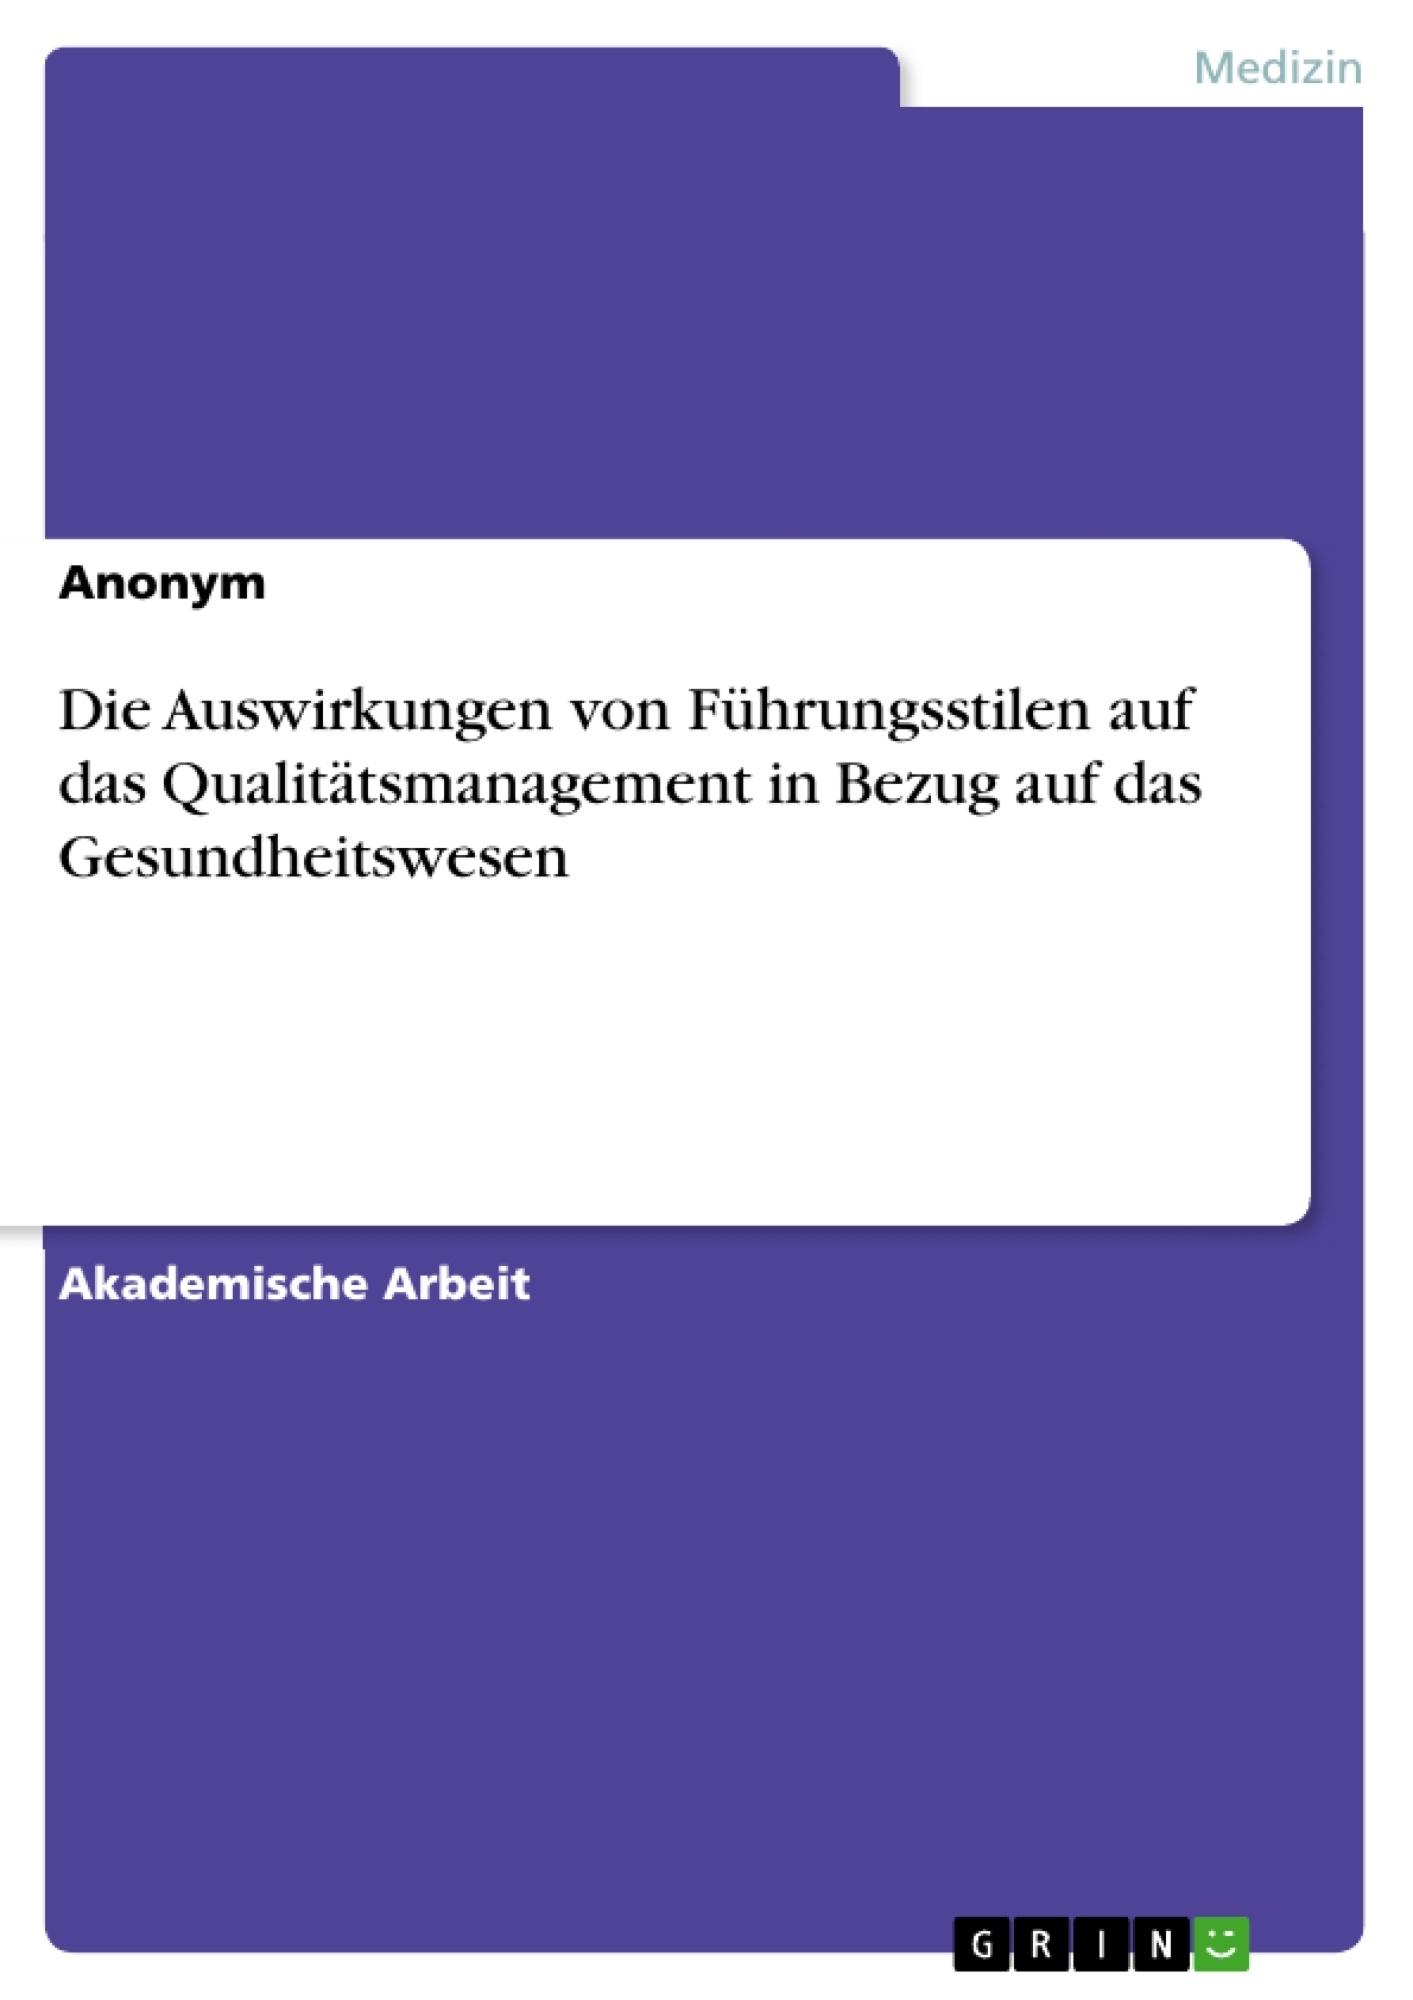 Titel: Die Auswirkungen von Führungsstilen auf das Qualitätsmanagement in Bezug auf das Gesundheitswesen